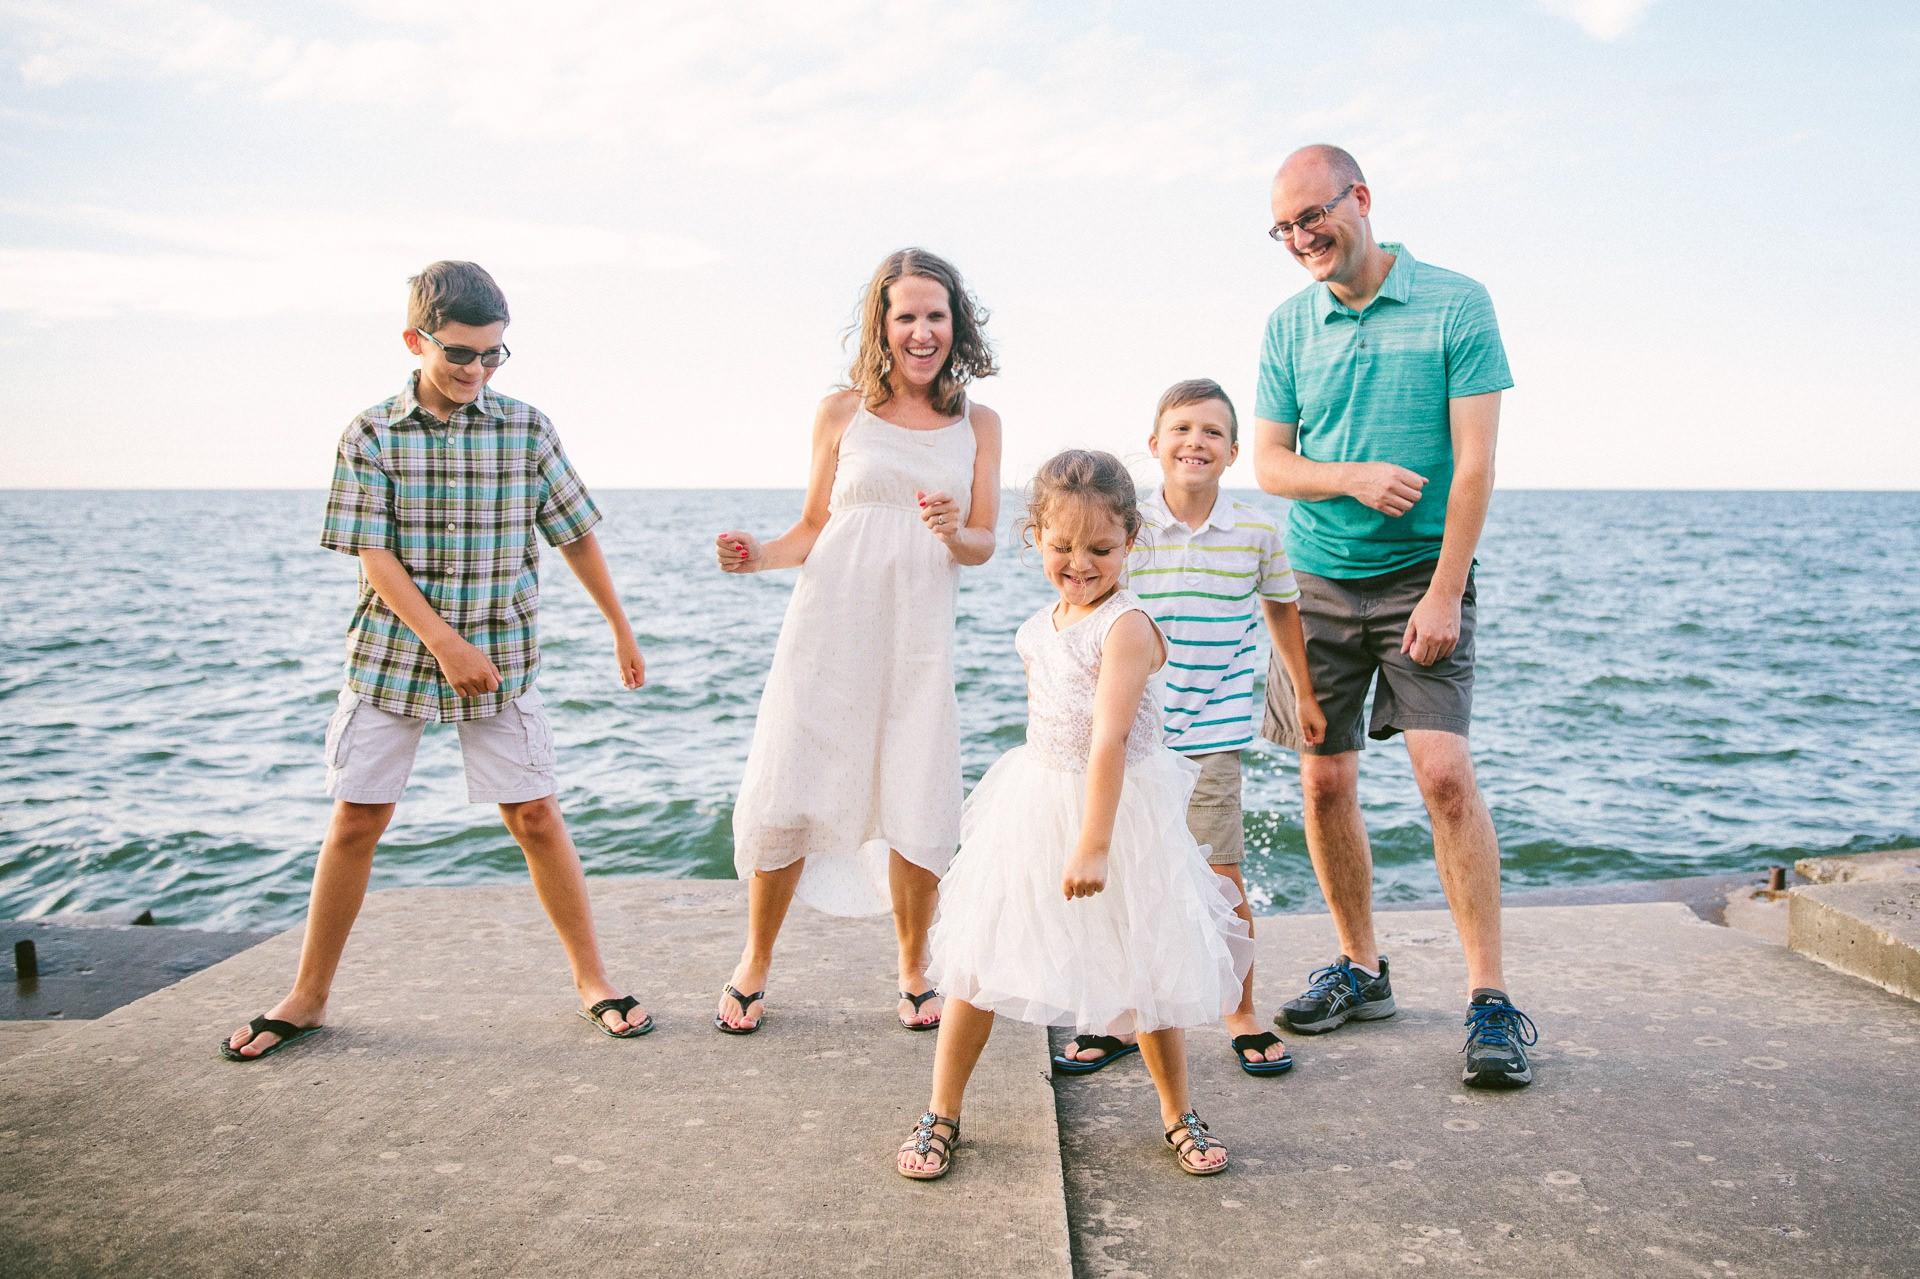 Lakewood Ohio Lifestyle Family Photographer 5.jpg